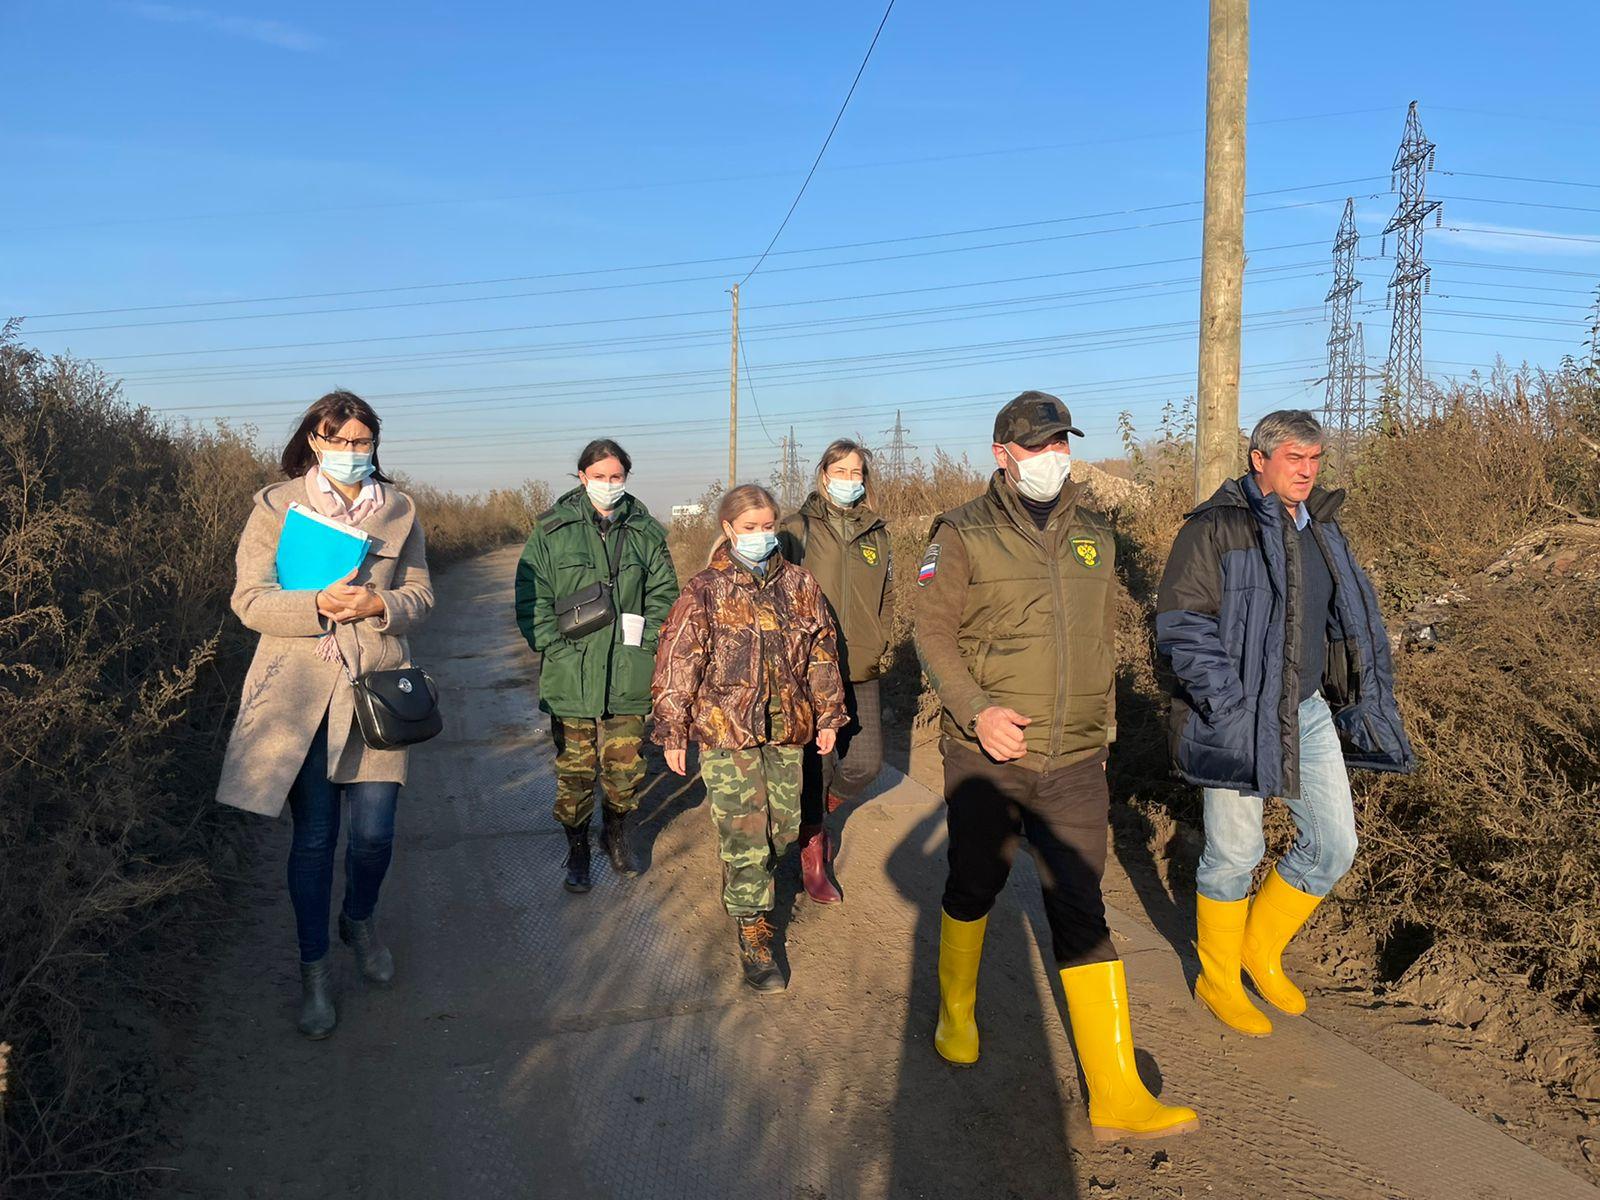 Фото: Управление Росприроднадзора по Нижегородской области и республике Мордовия